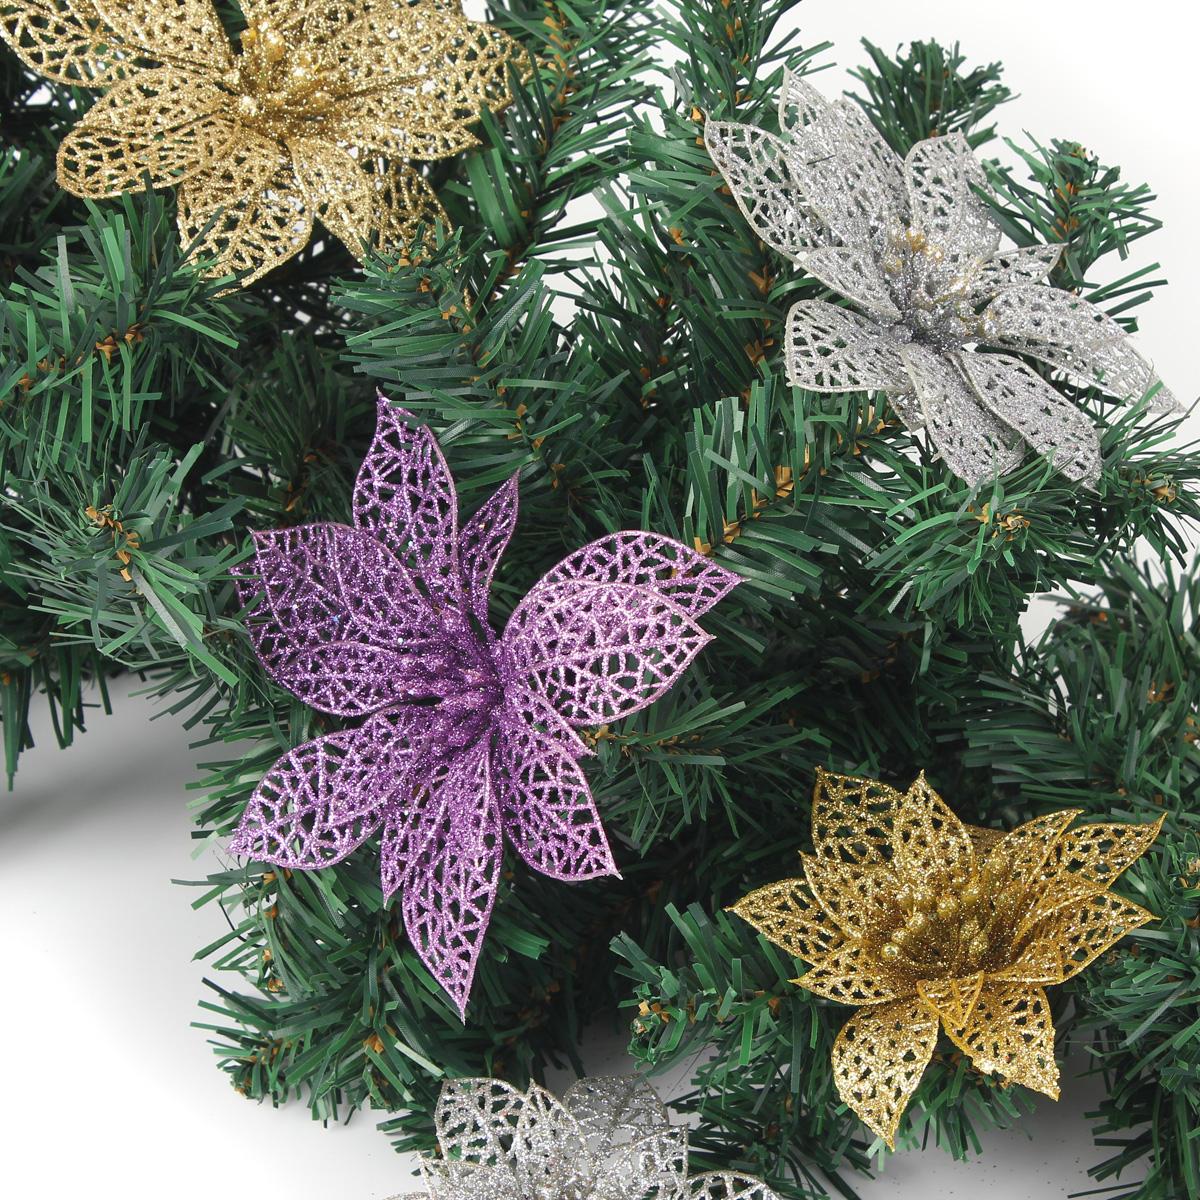 Natale decorazione floreale scintillio lascia deocration partito